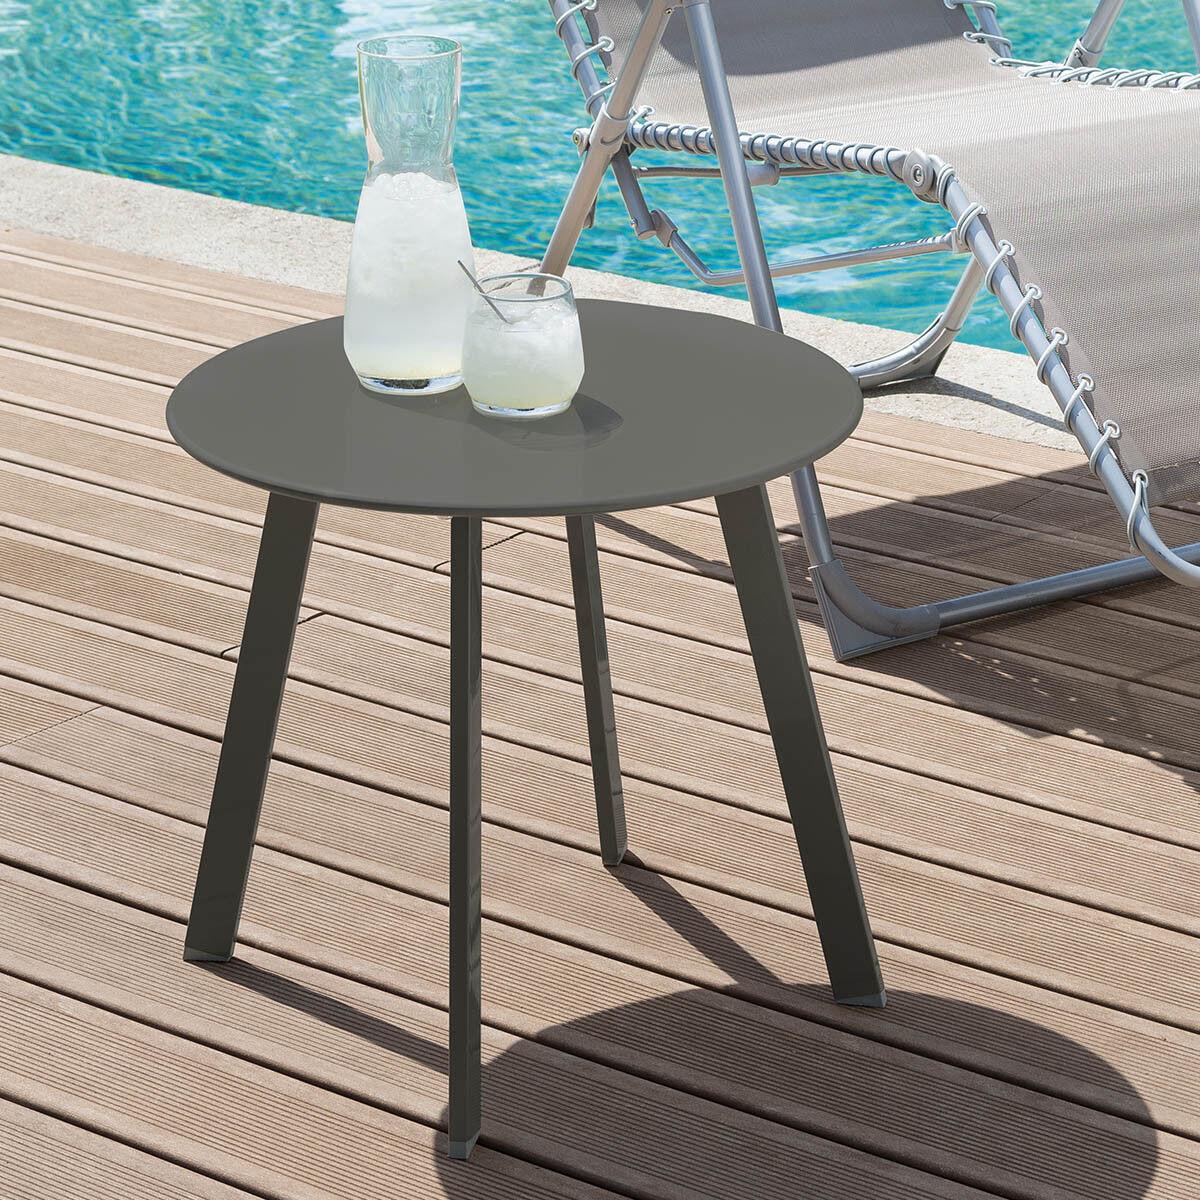 Hespéride Table d'appoint de jardin ronde Saona Ardoise mat 50 x 45 cm - Acier cataphorèse, Peinture époxy